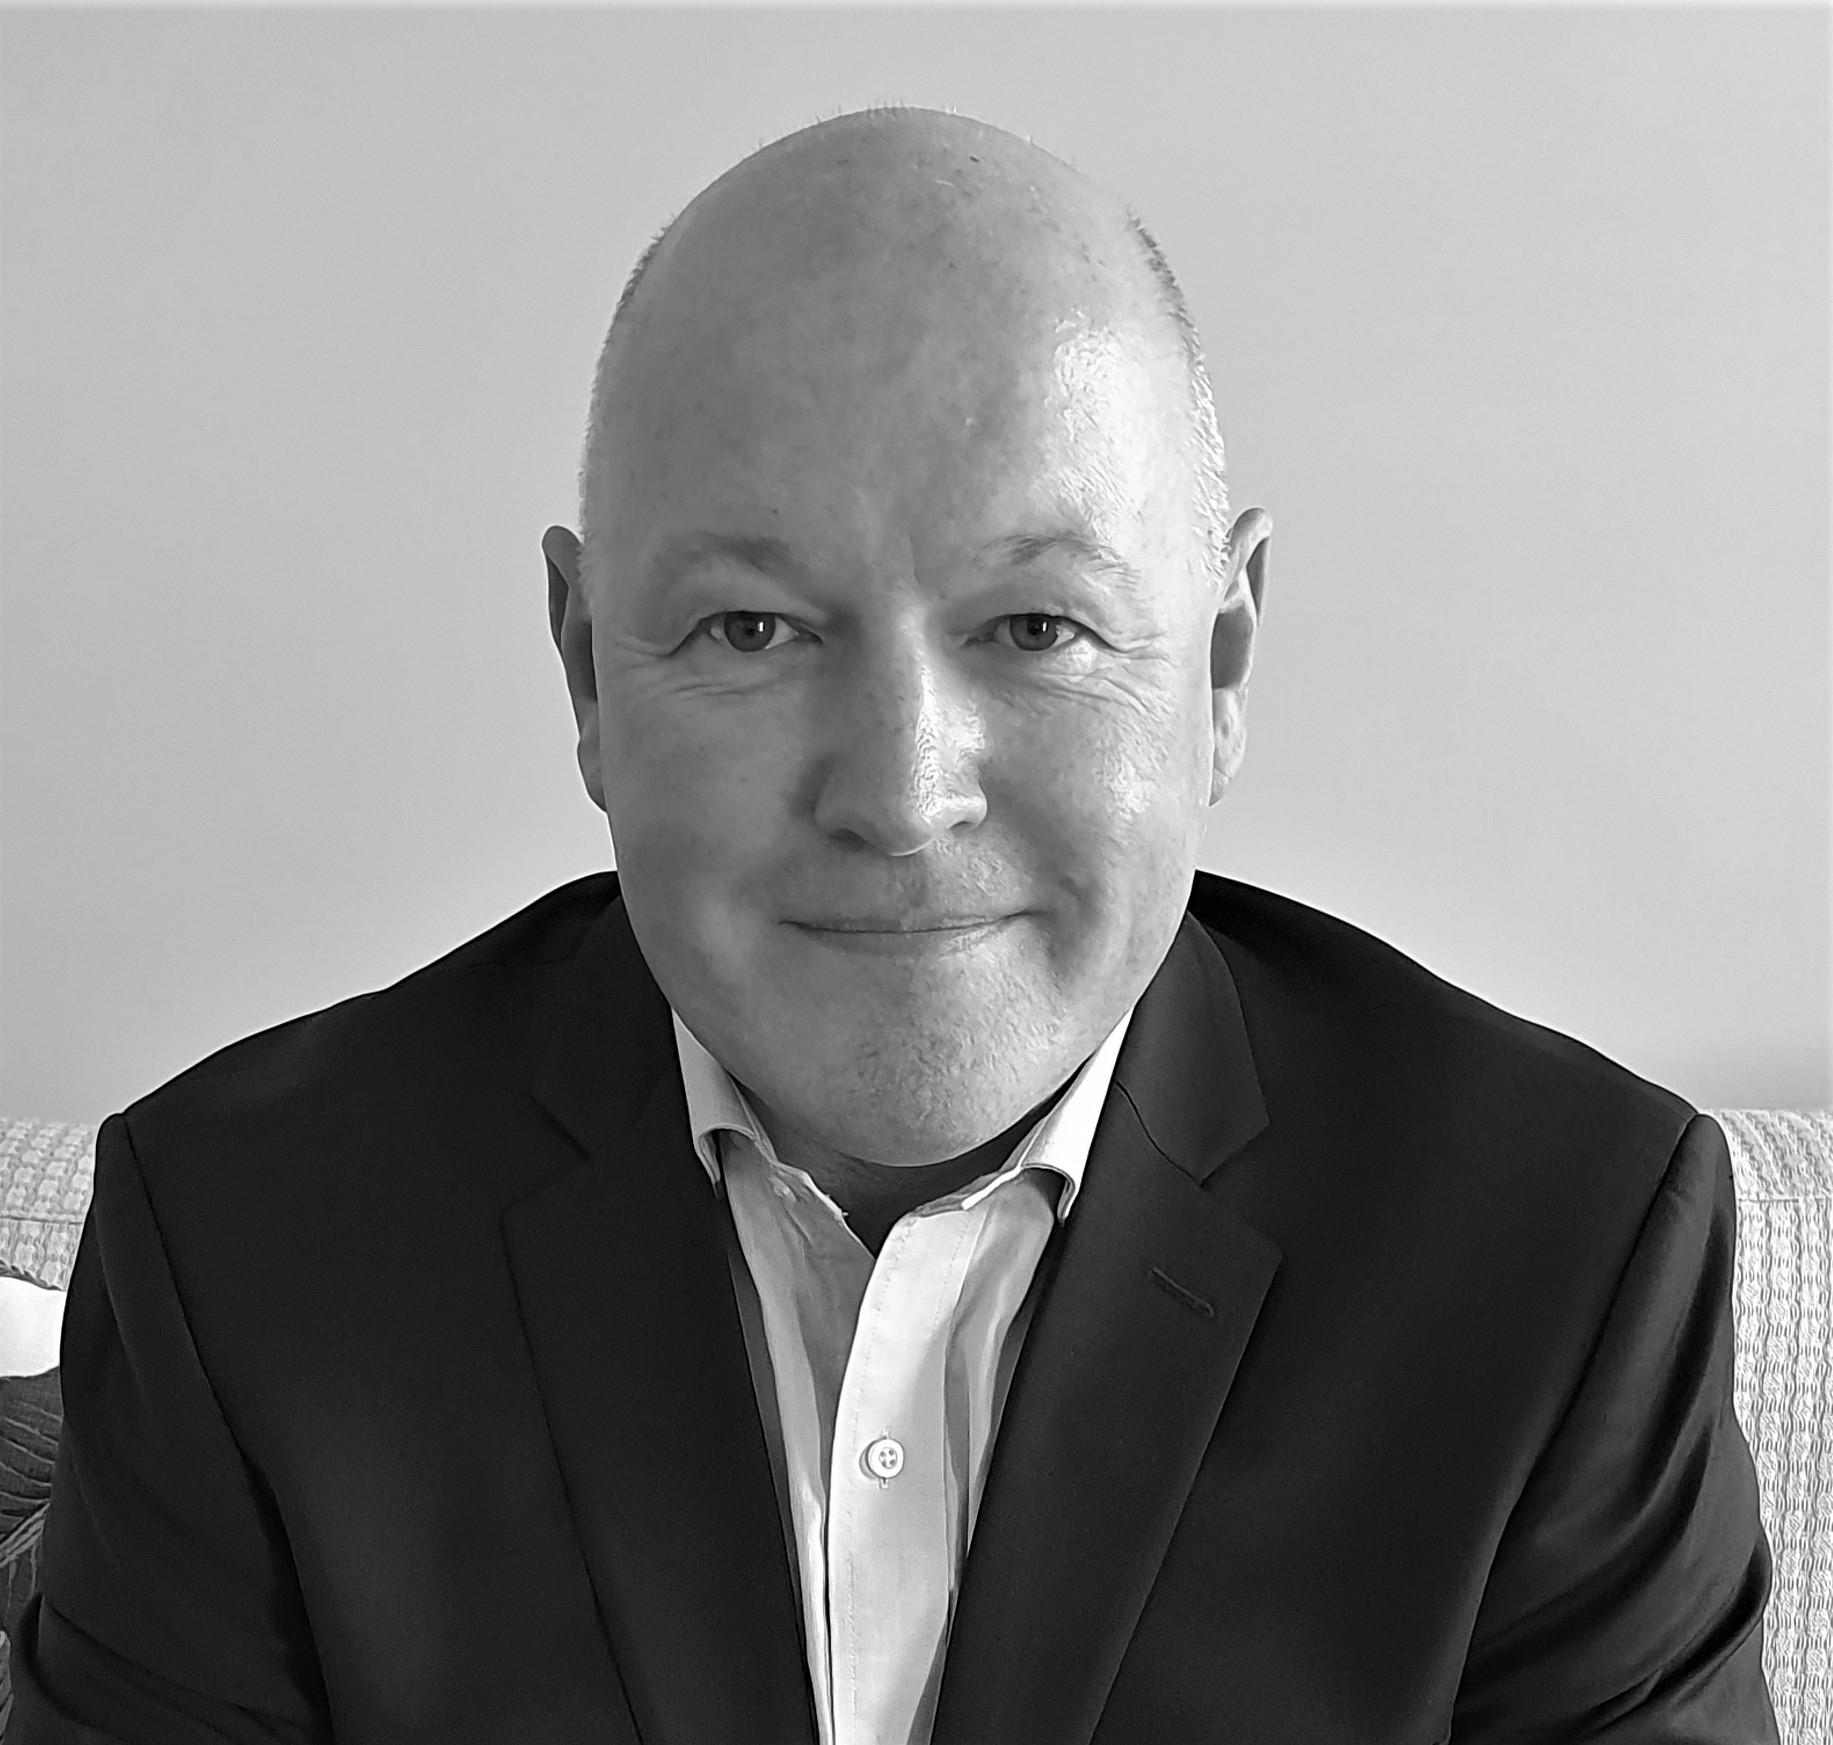 Peter Deans Headshot